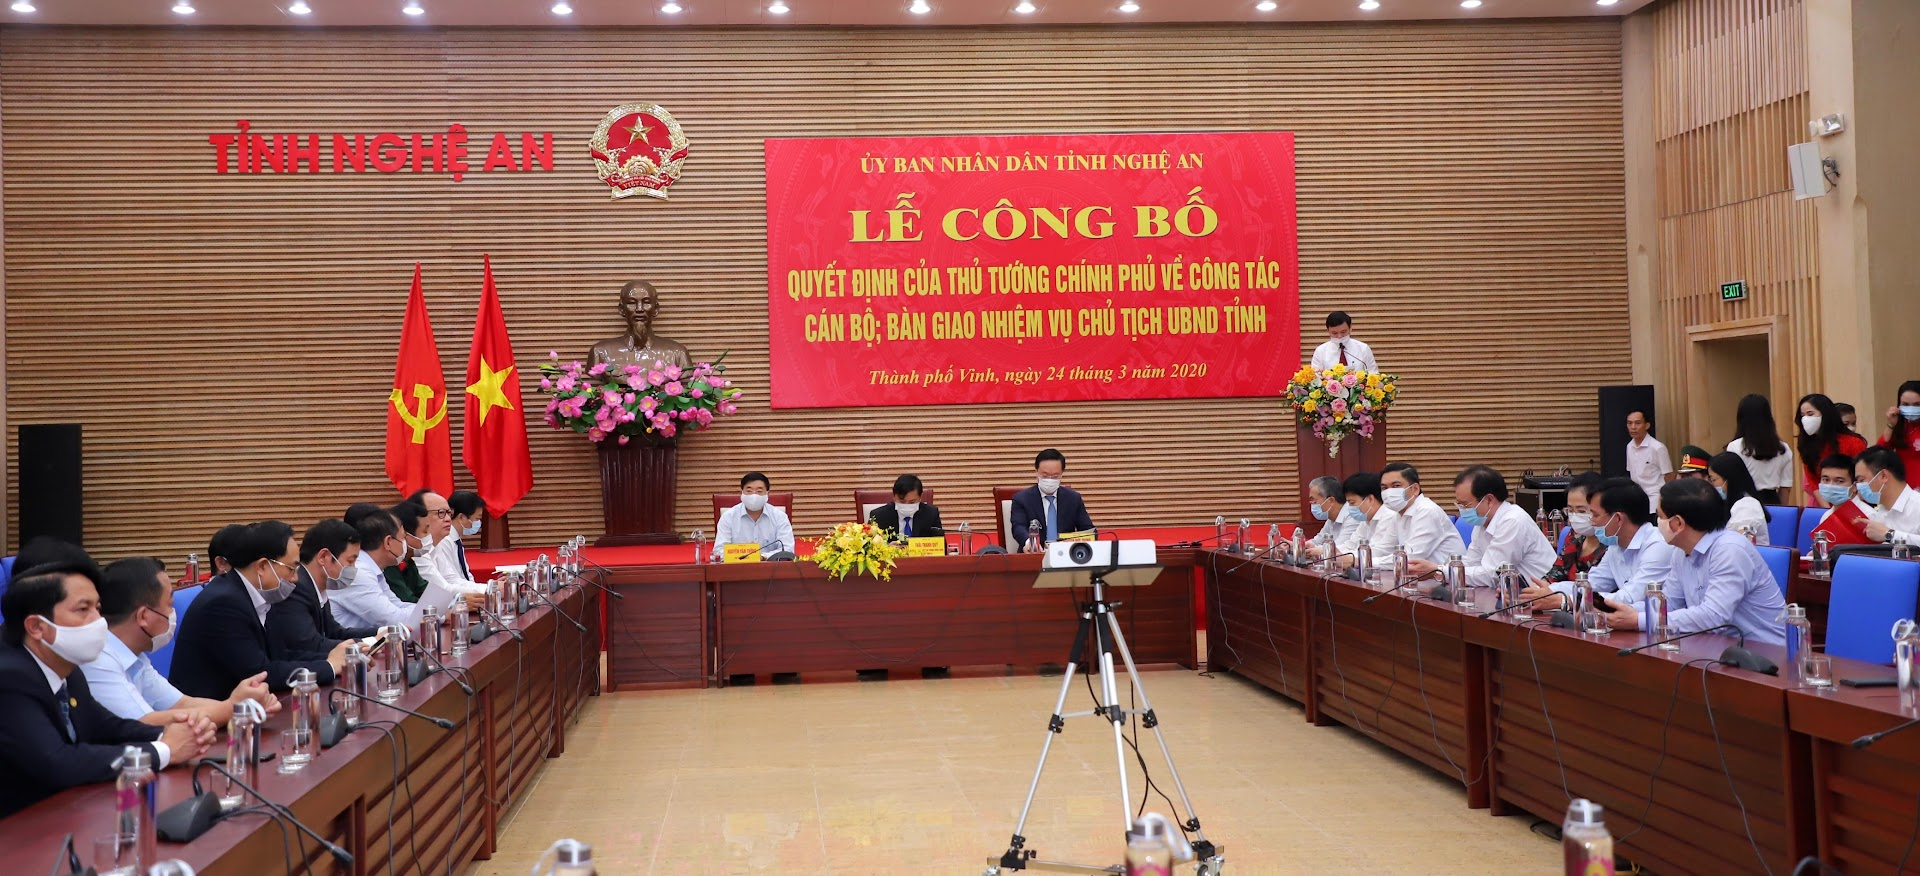 Dự lễ công bố có đại diện lãnh đạo UBND tỉnh, Tỉnh ủy Nghệ An và đại diện lãnh đạo các sở, ban, ngành cấp tỉnh.